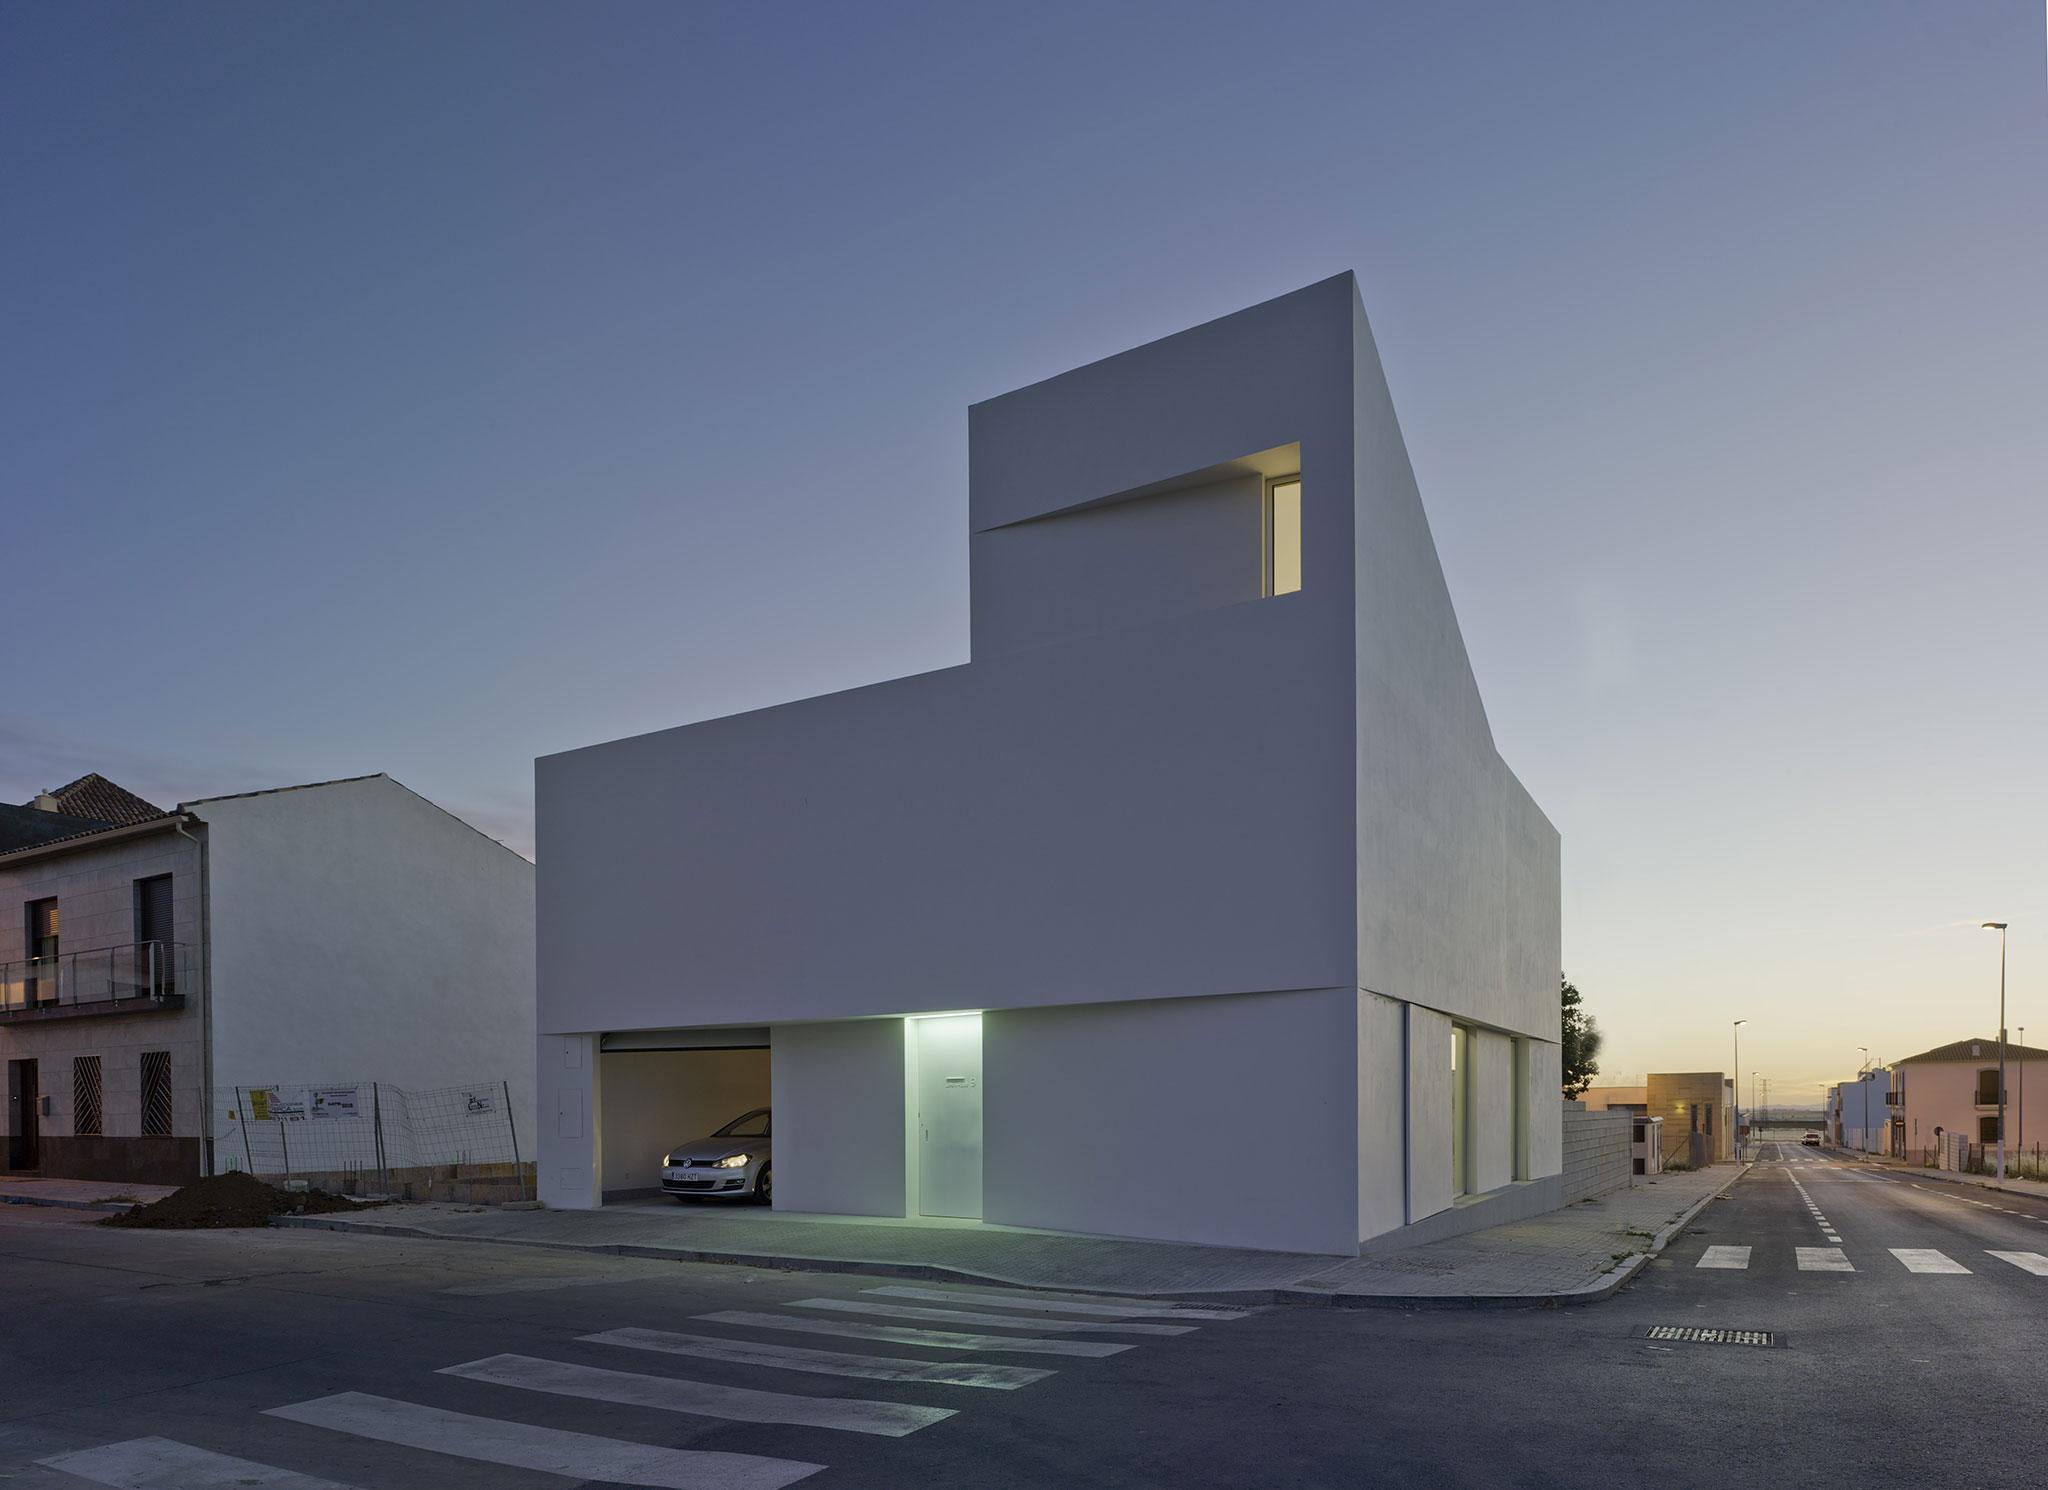 Atardecer. Casa Lopera por David Ruiz Molina. Fotografía © David Frutos